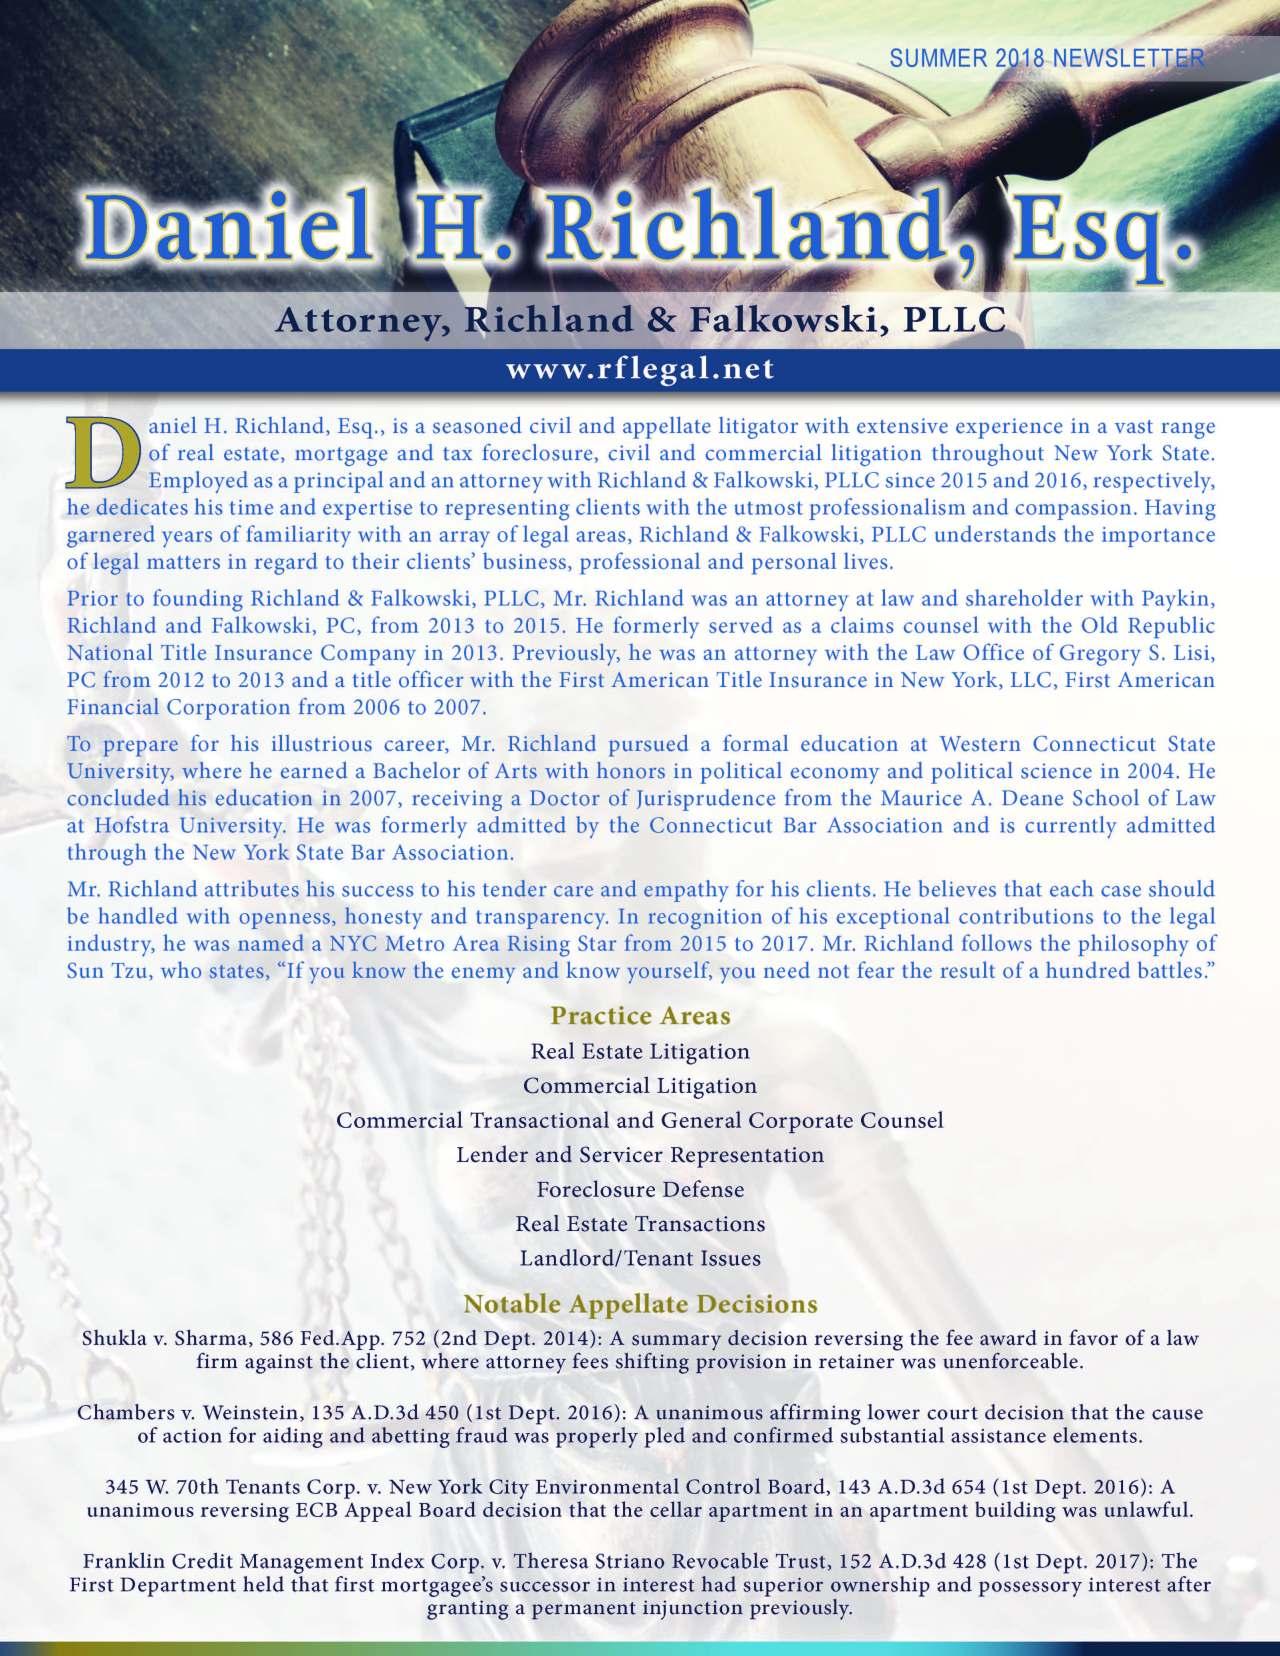 Richland, Daniel 3699358_4003699358 Newsletter.jpg